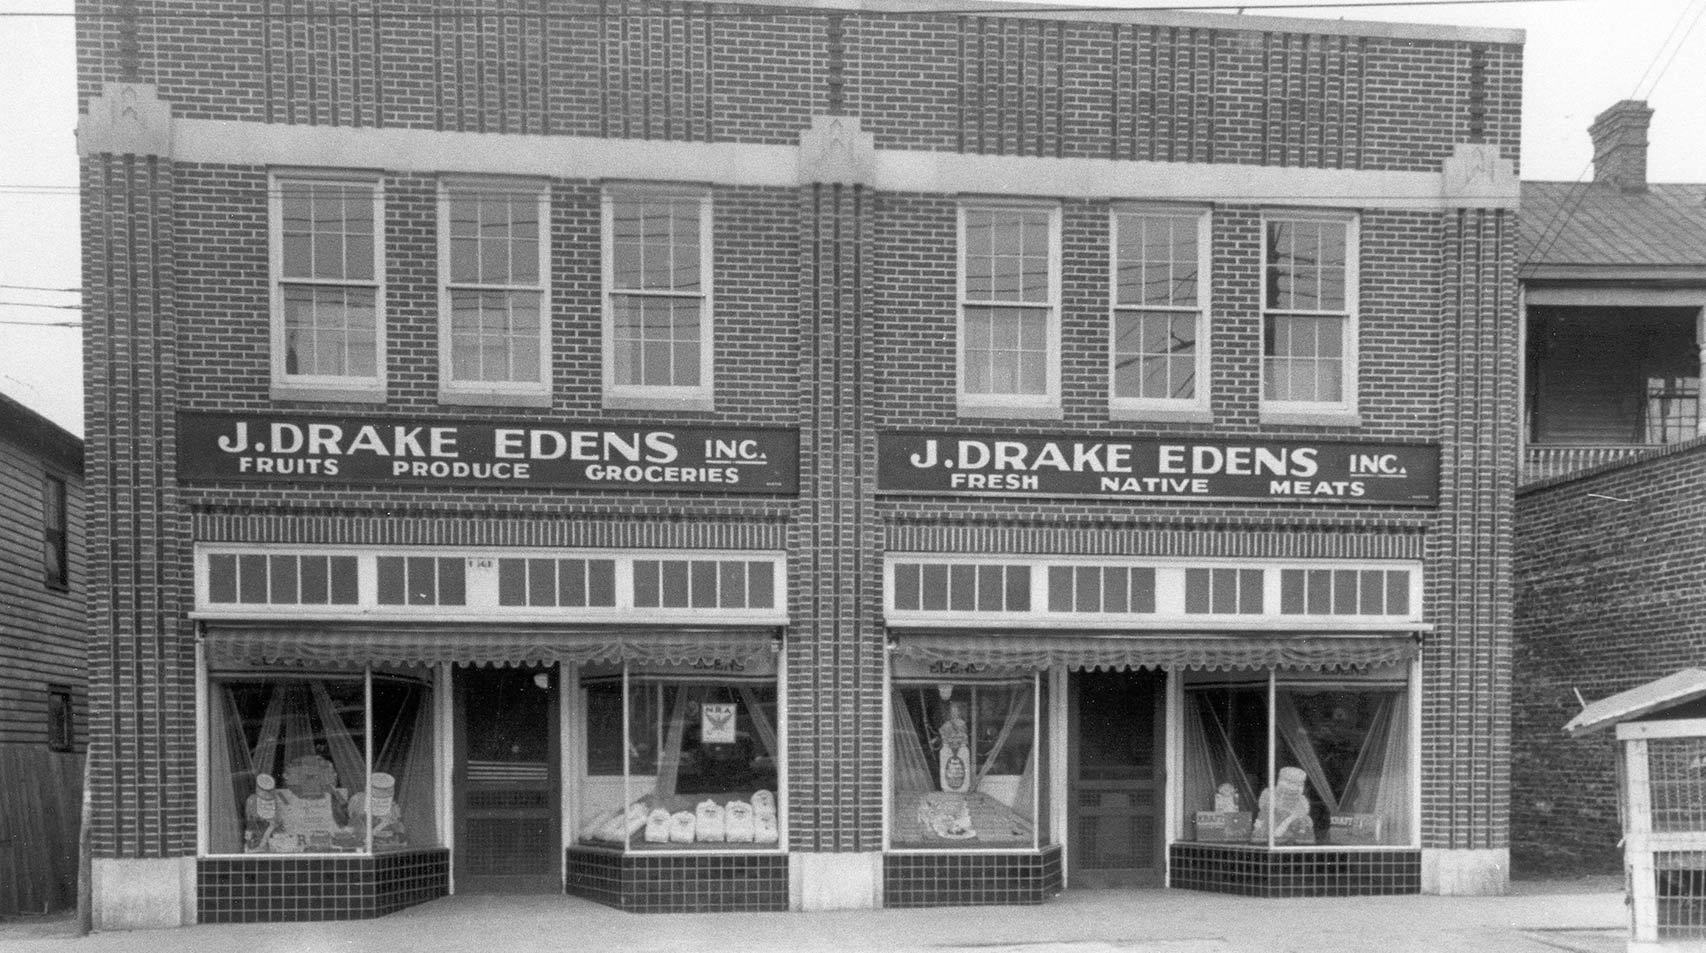 EDENS Original Grocery Store